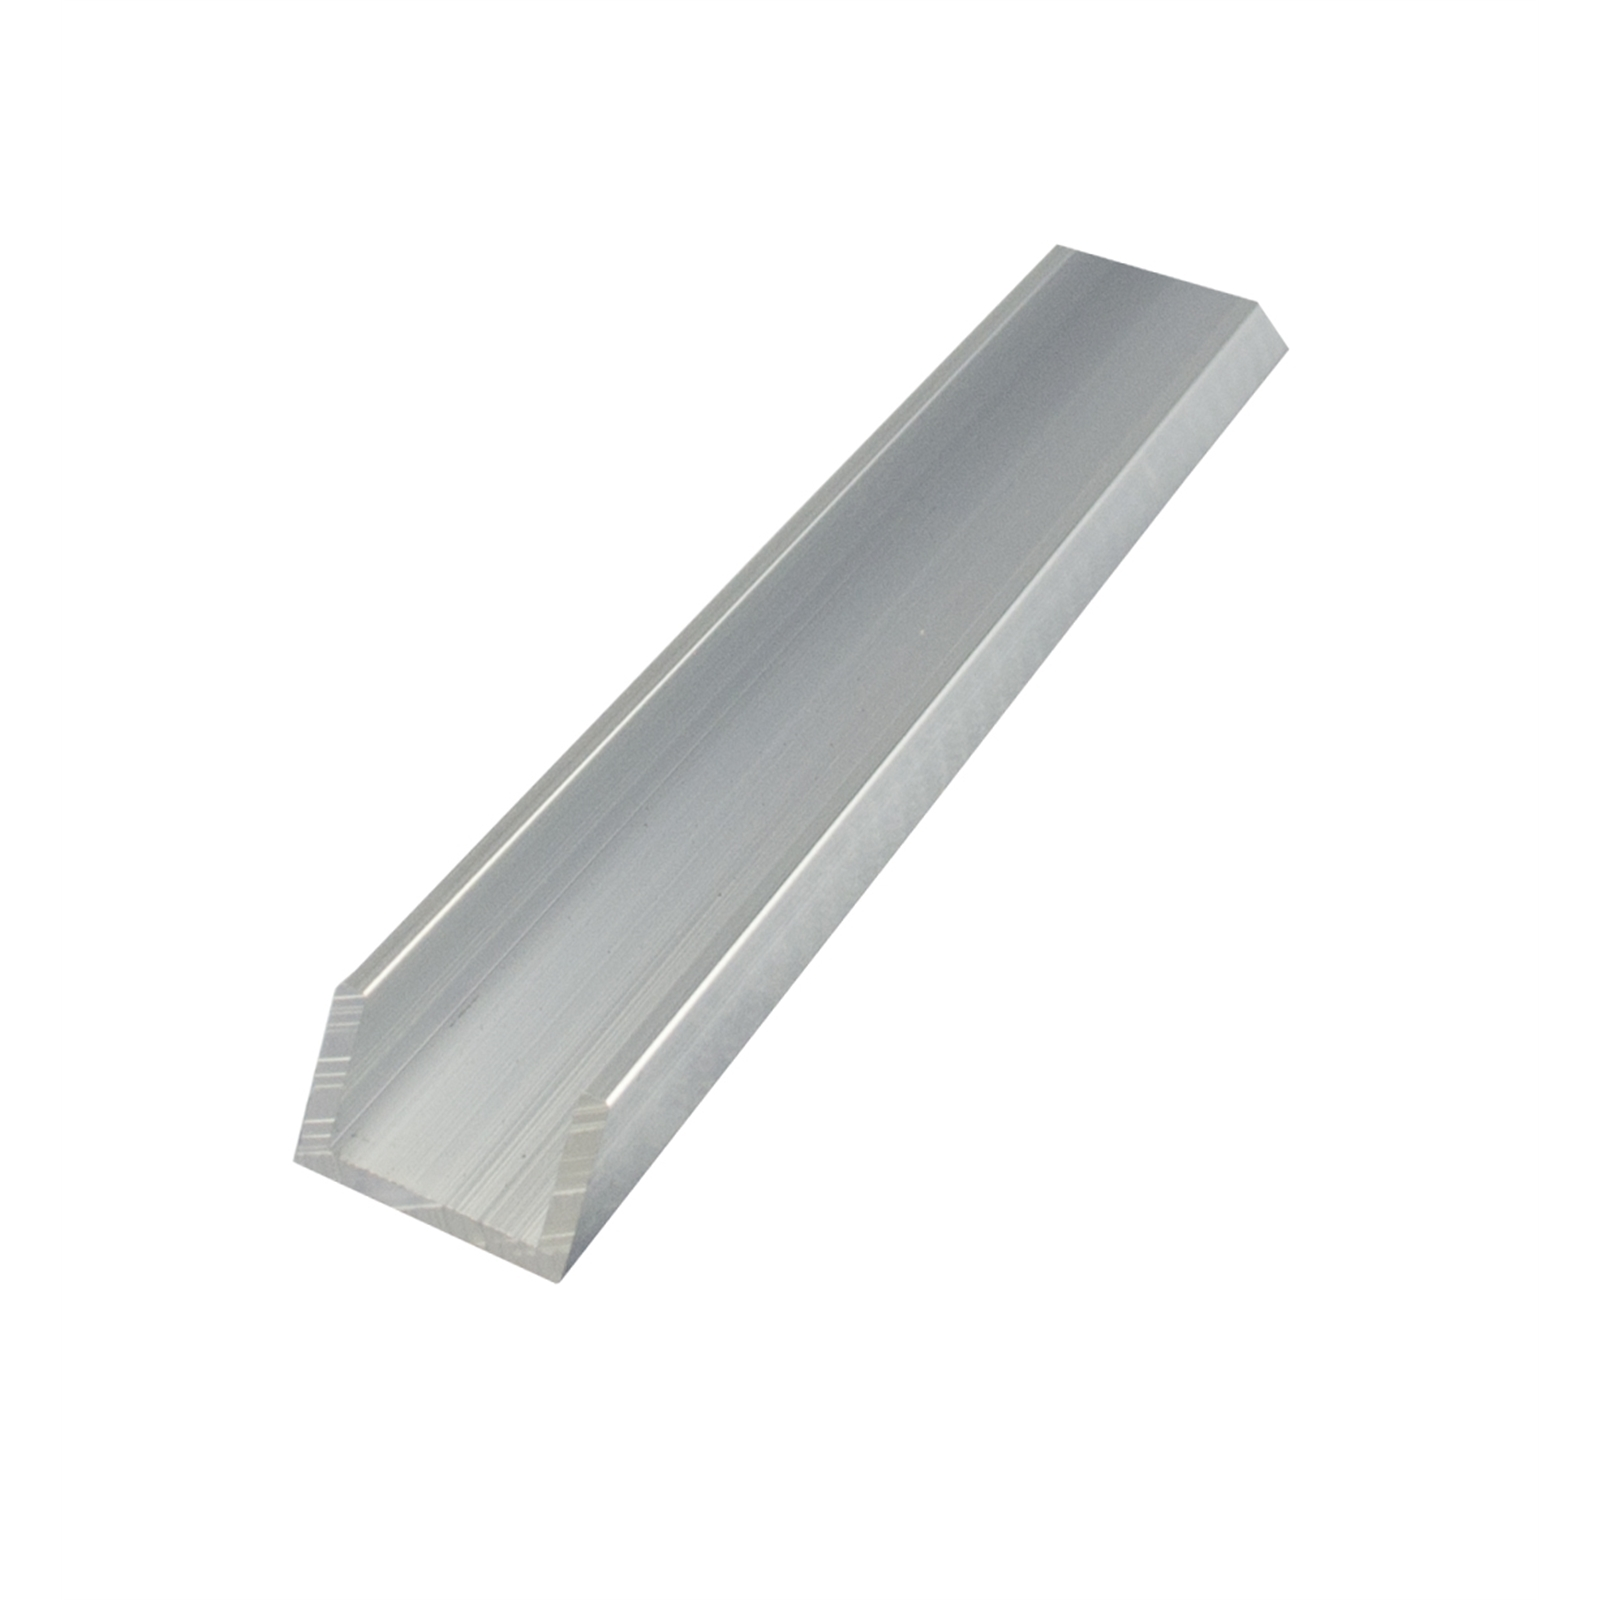 Metal Mate 10 x 10 x 1.5mm 3m Aluminium Channel